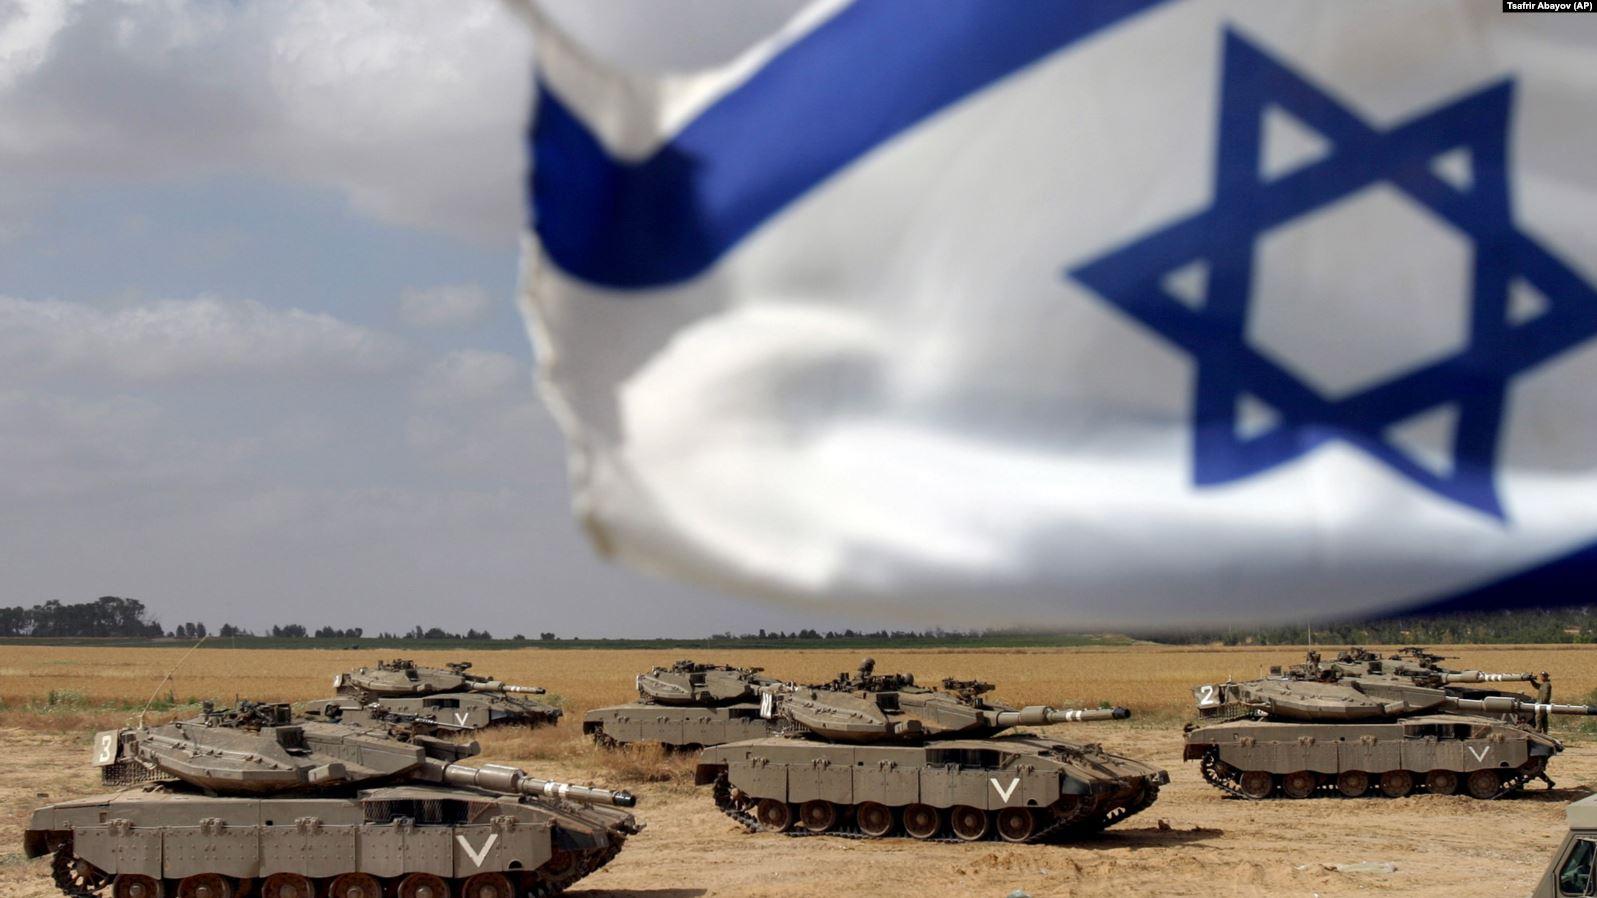 ئیسرائیل: ئێران هێزەكانی لە سوریا دەكشێنێتەوە